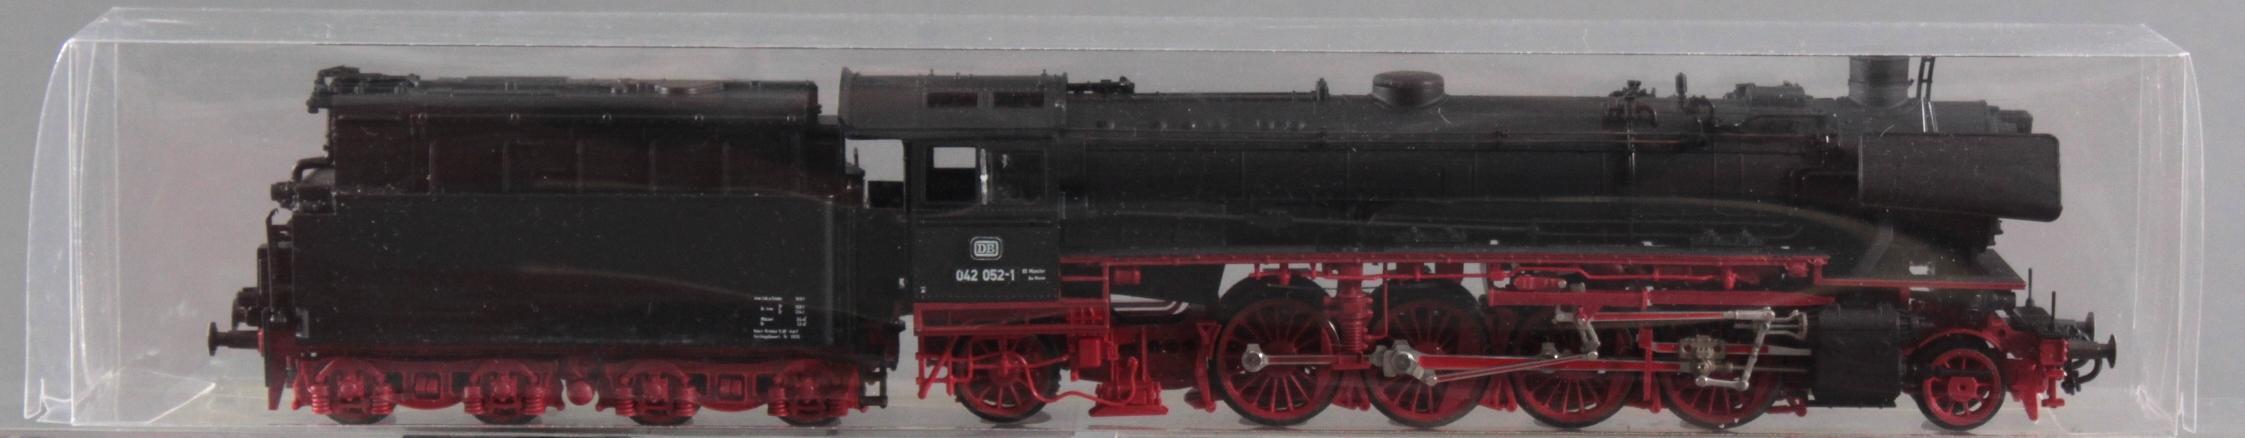 Roco H0 Dampf-Lok 042 052-1 mit 6 Fleischmann Waggons-2